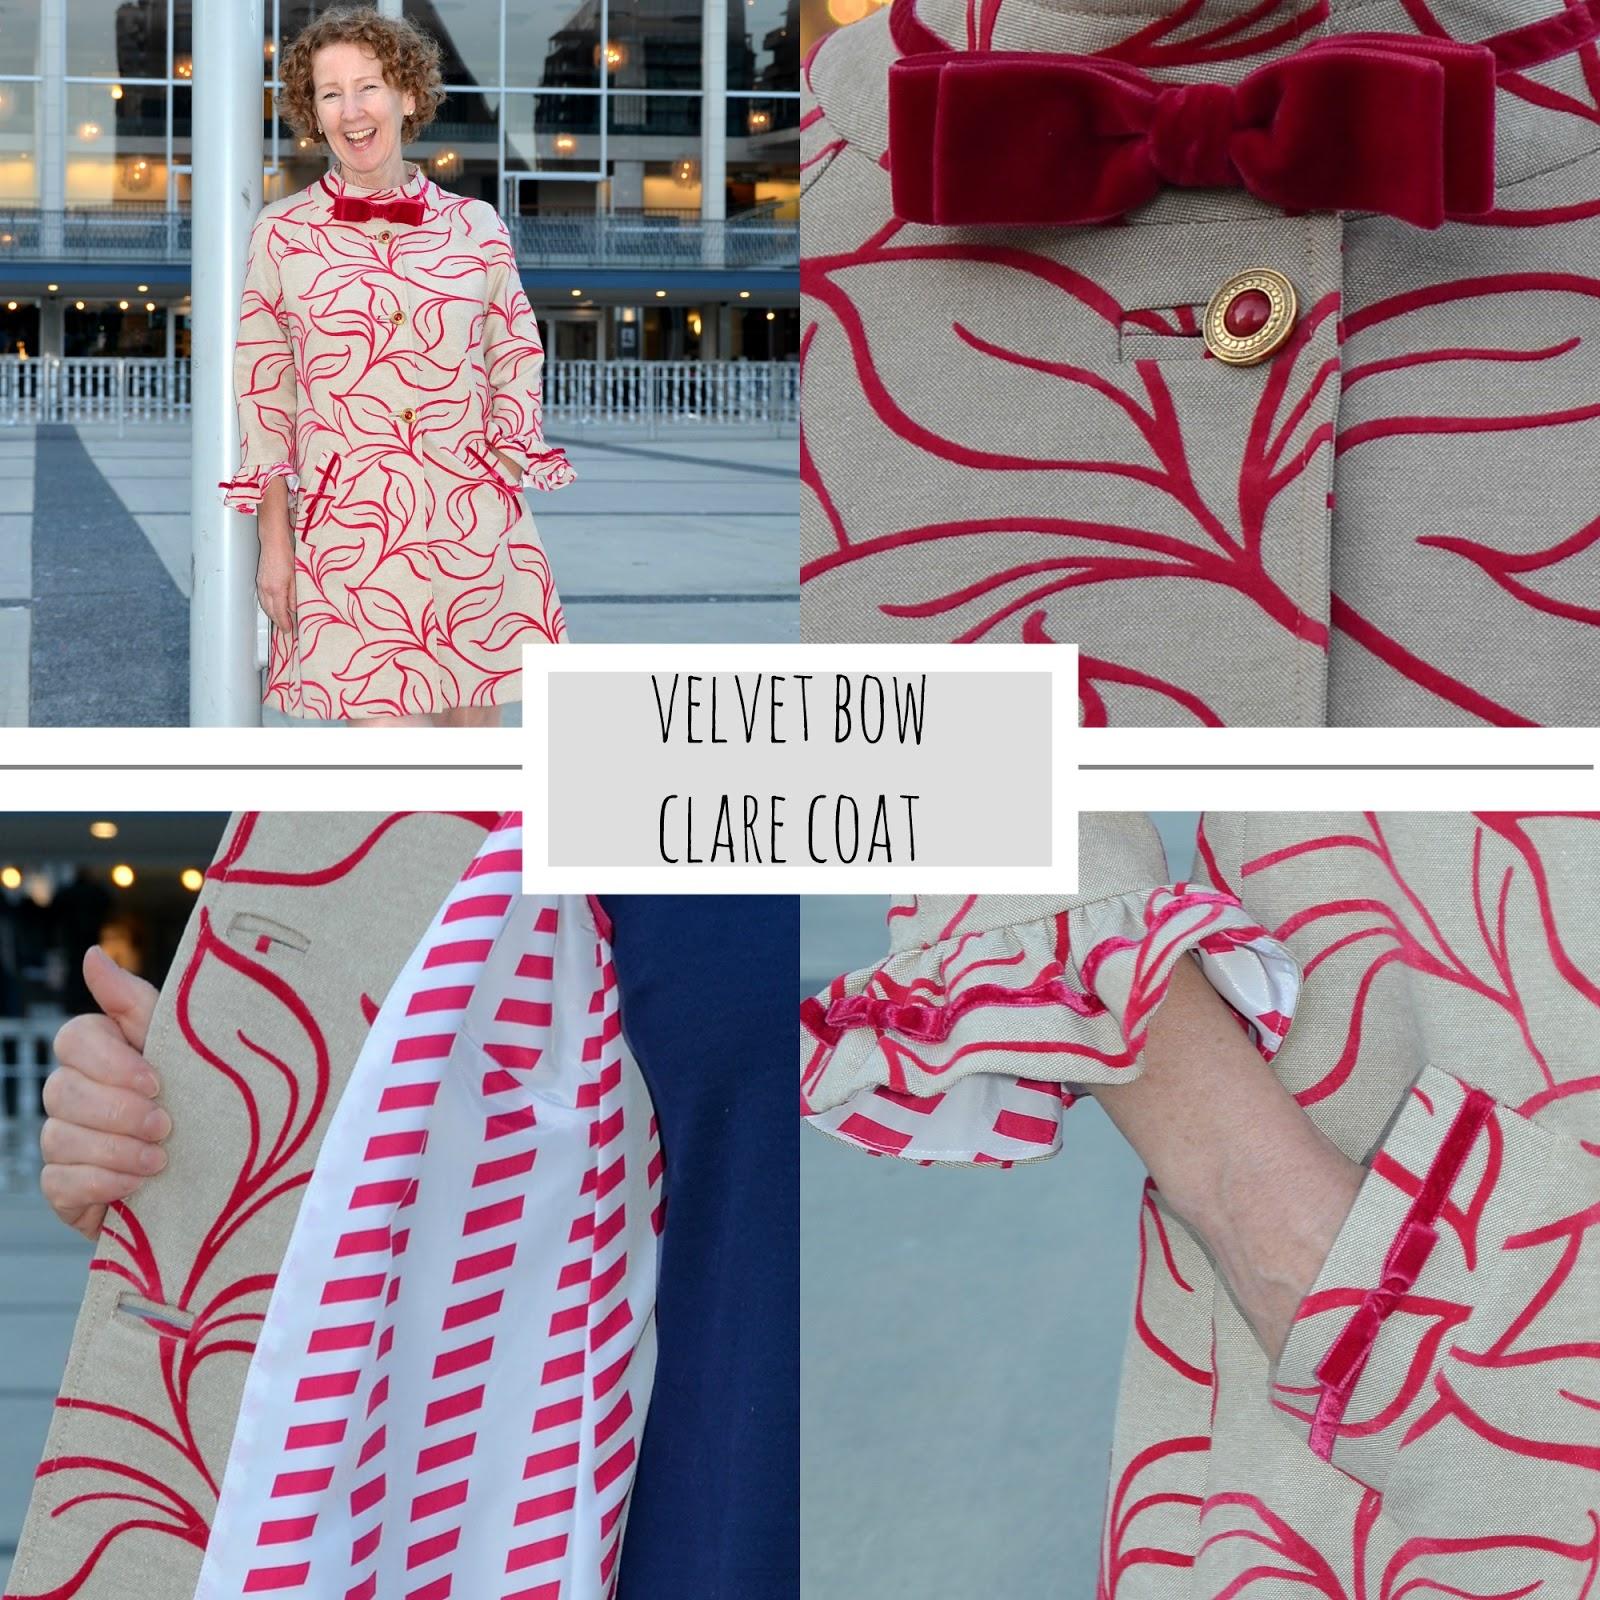 Clare-Coat-Closet-Case-Files.jpg